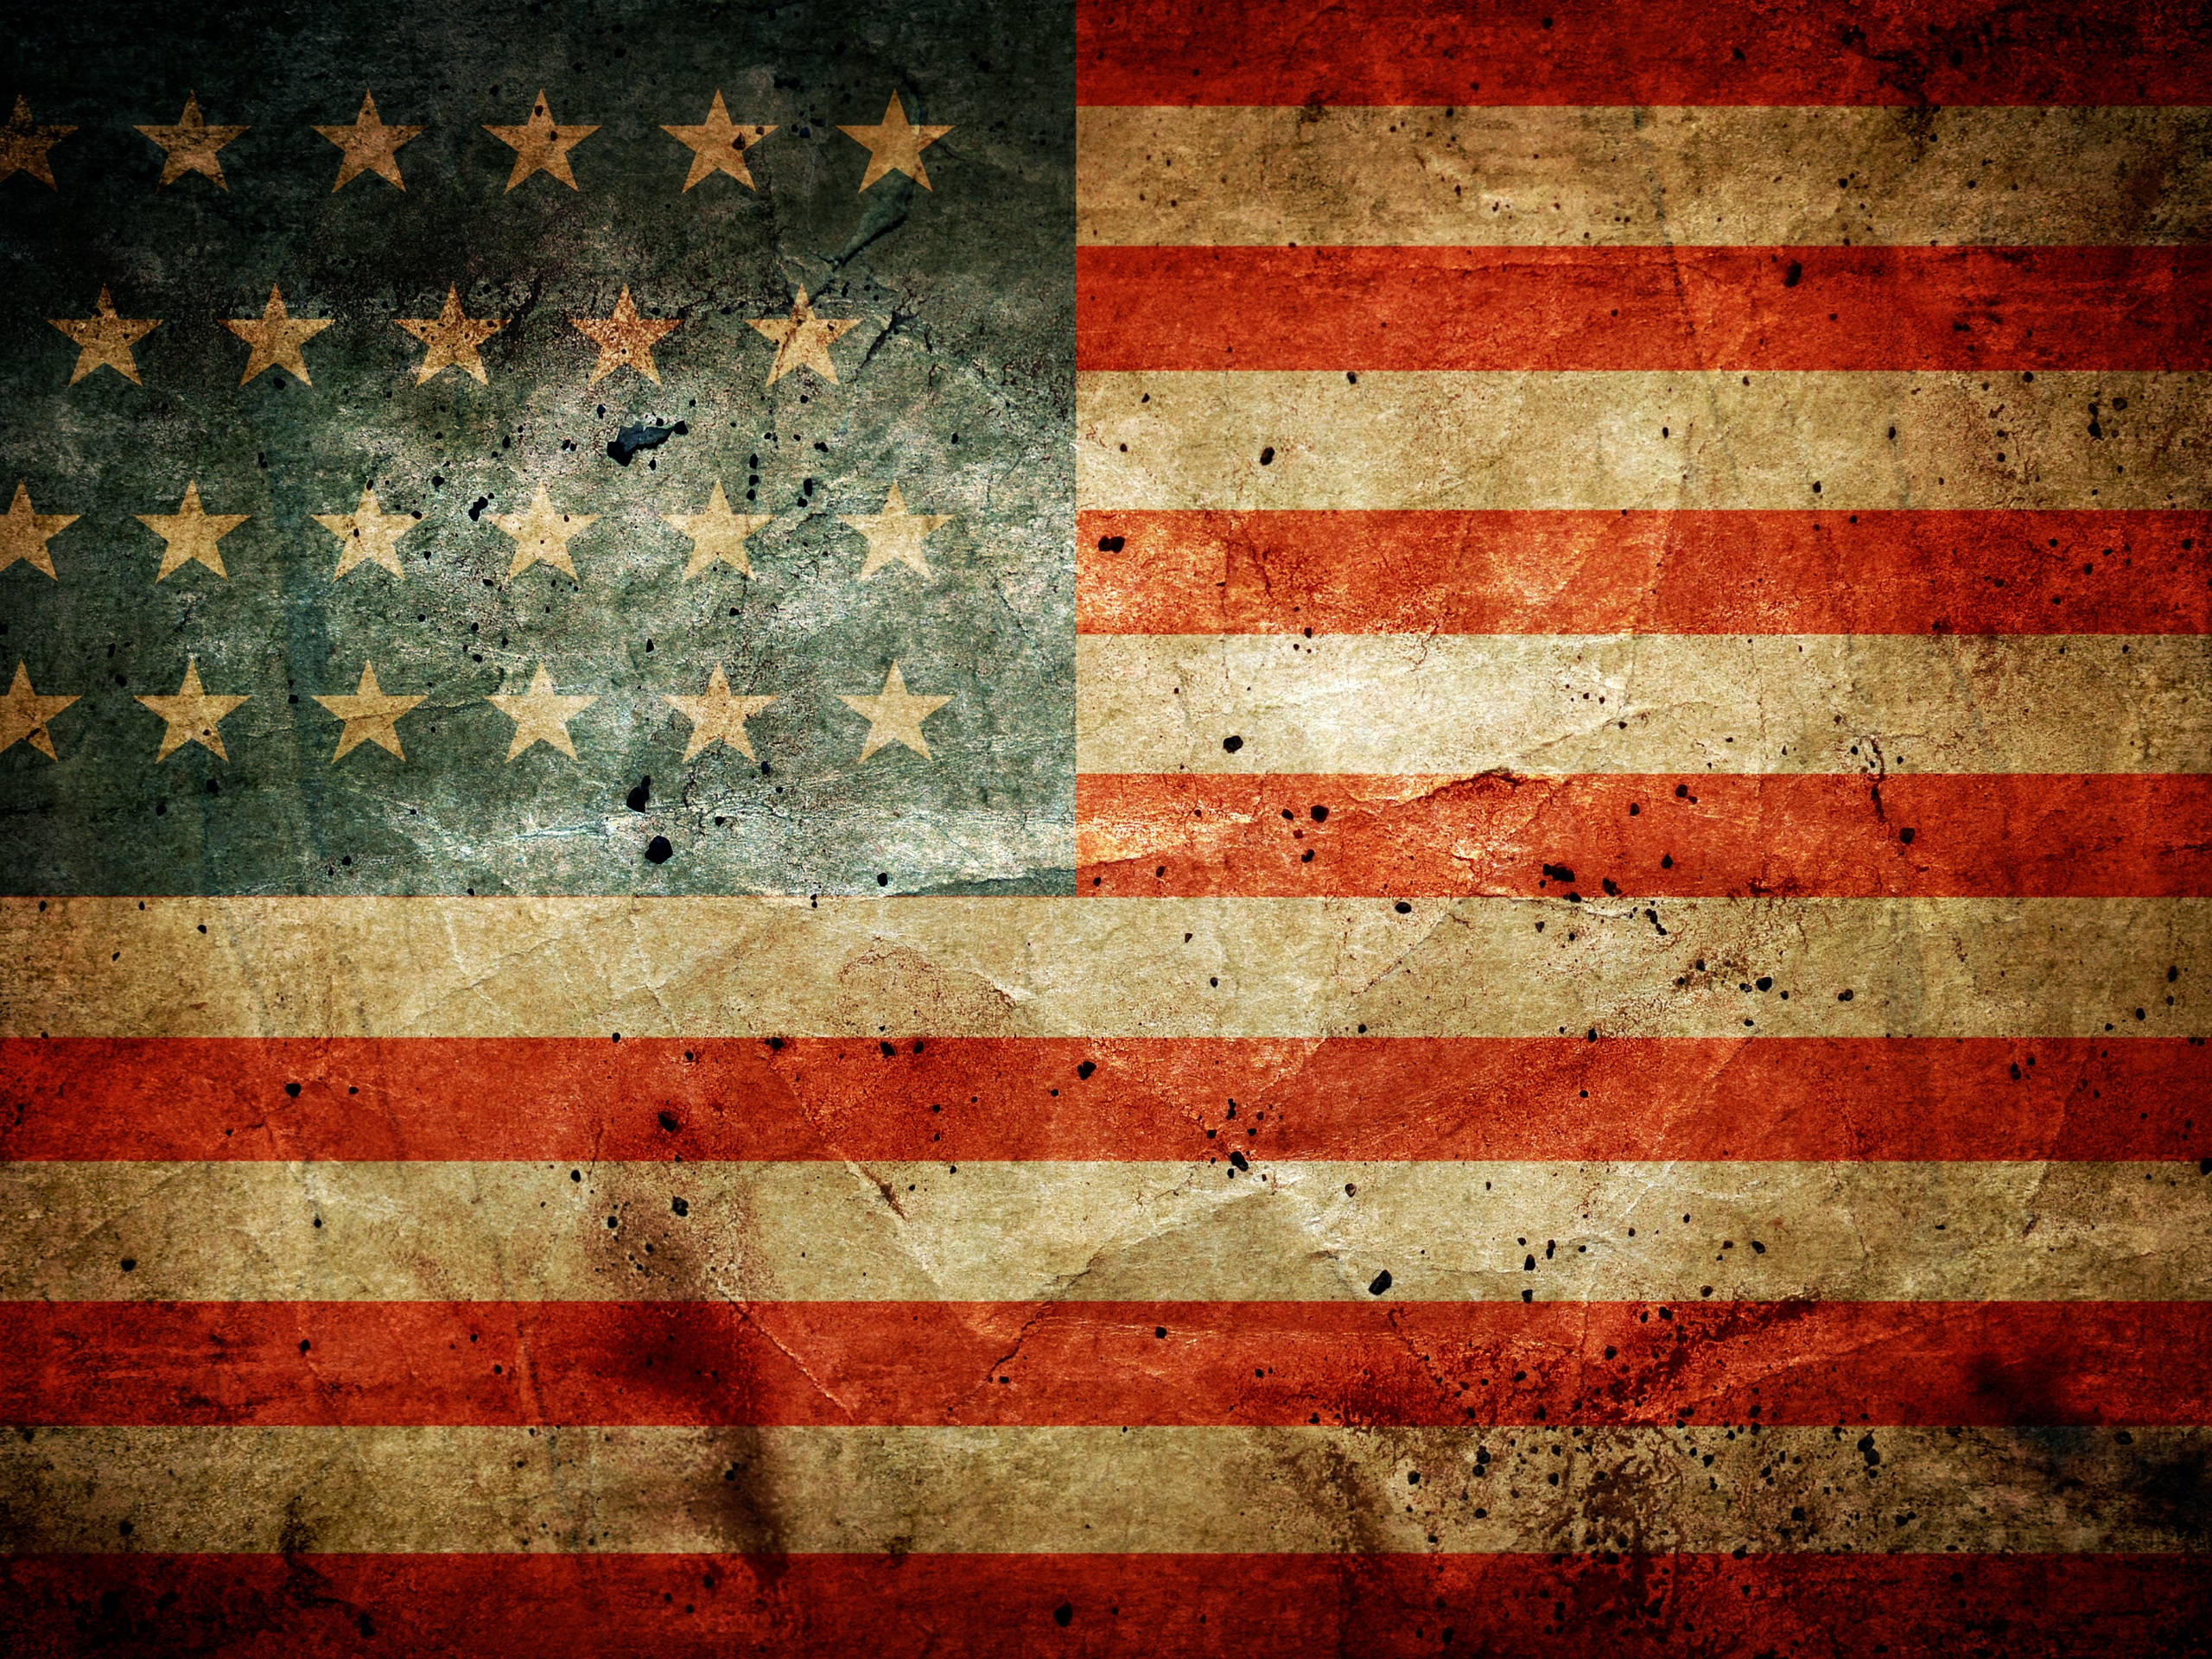 壁紙 アメリカの国旗 2880x1800 Hd 無料のデスクトップの背景 画像